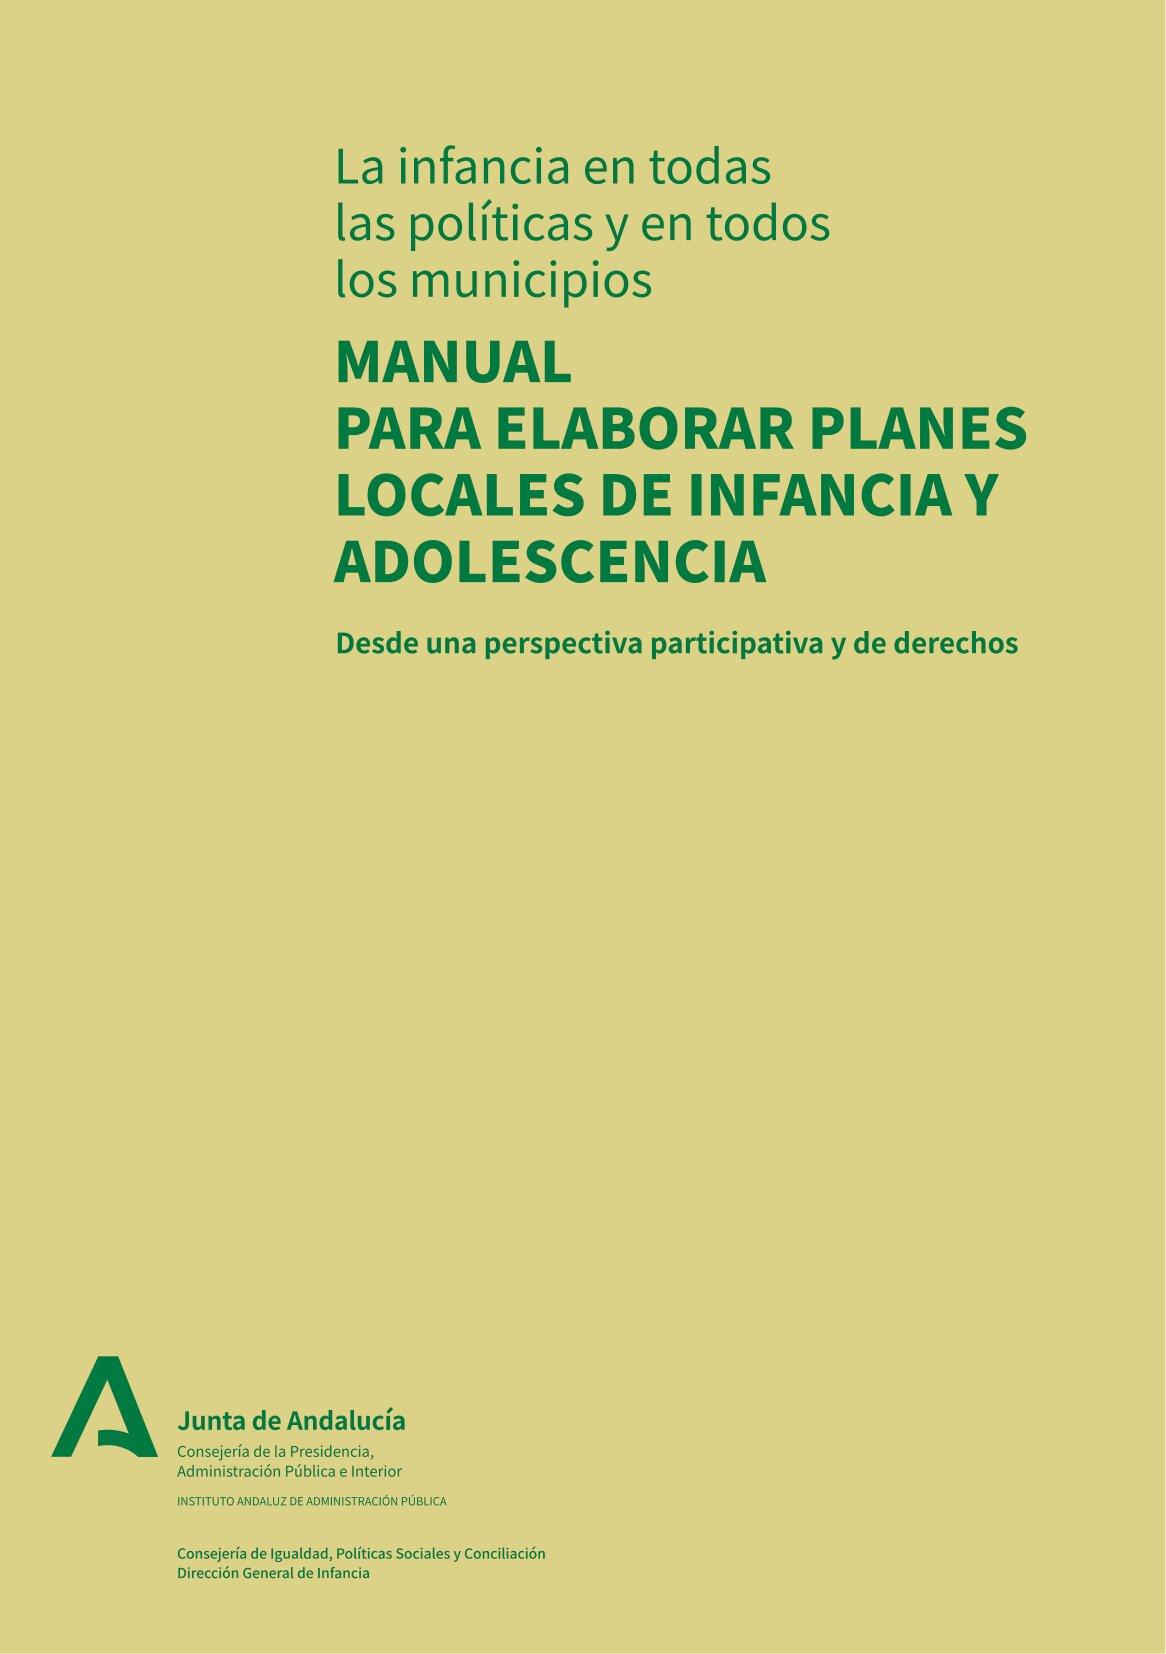 Manual para Elaborar Planes Locales de Infancia y Adolescencia